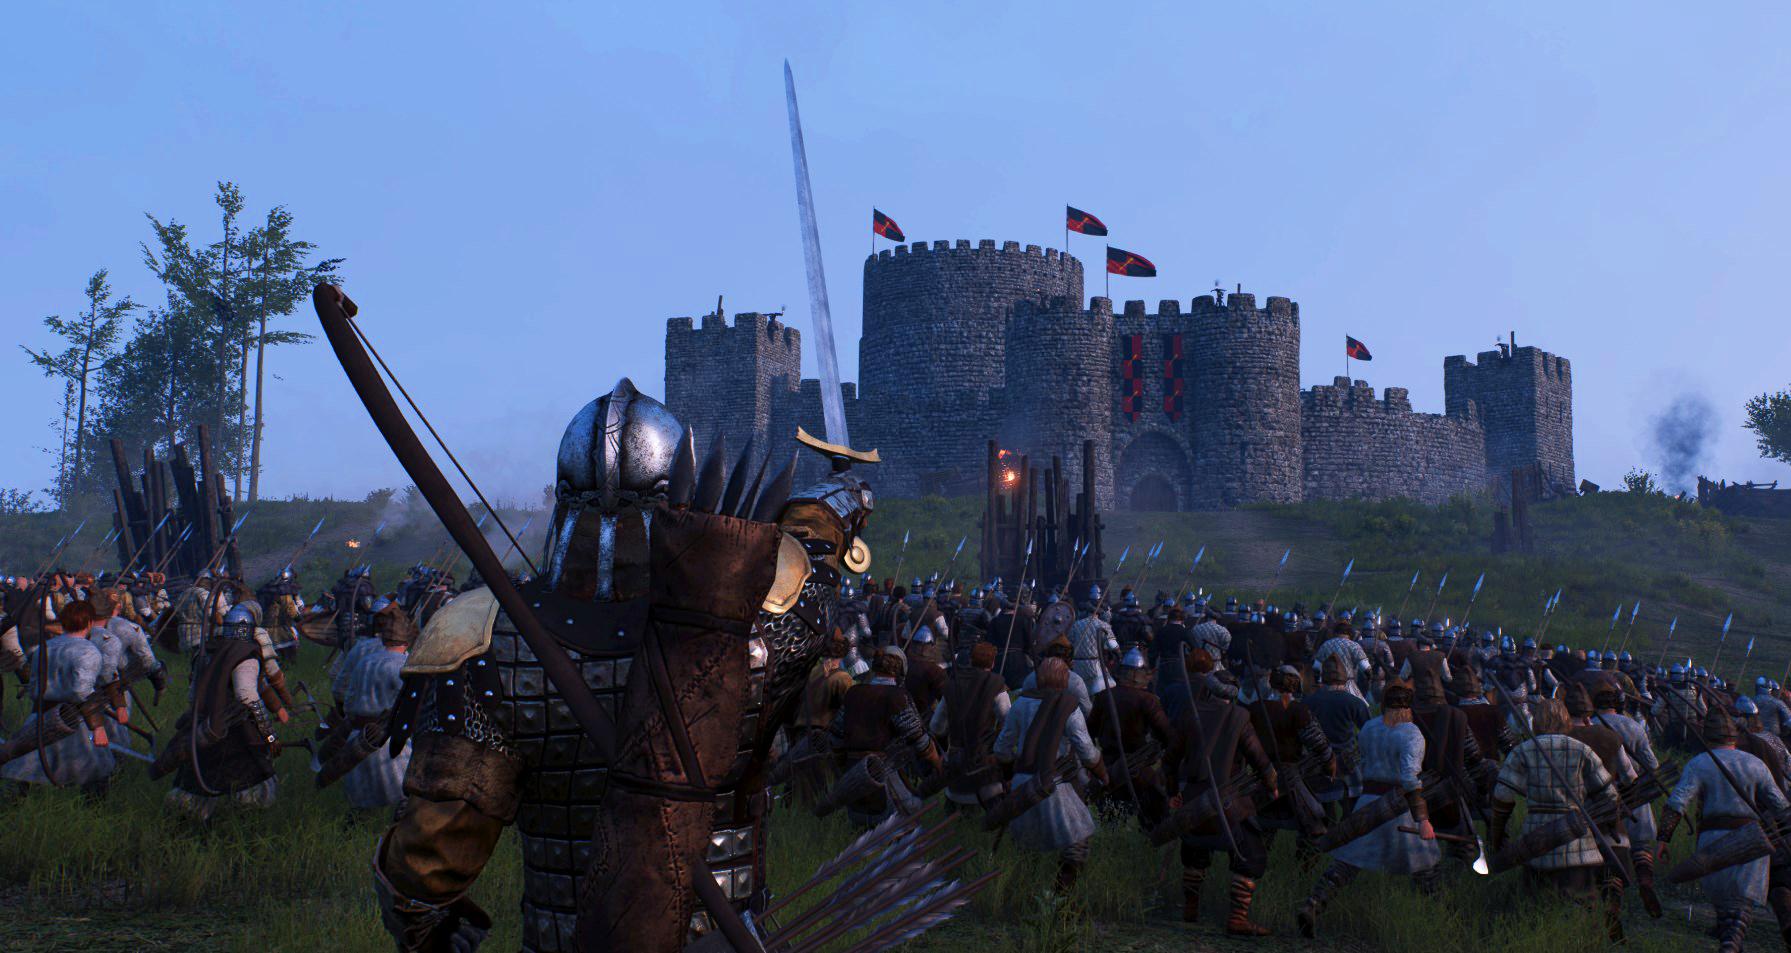 צוללים אל מלחמות ימי הביניים: אחד מהלהיטים של שנת 2020 במחיר מצוין ...